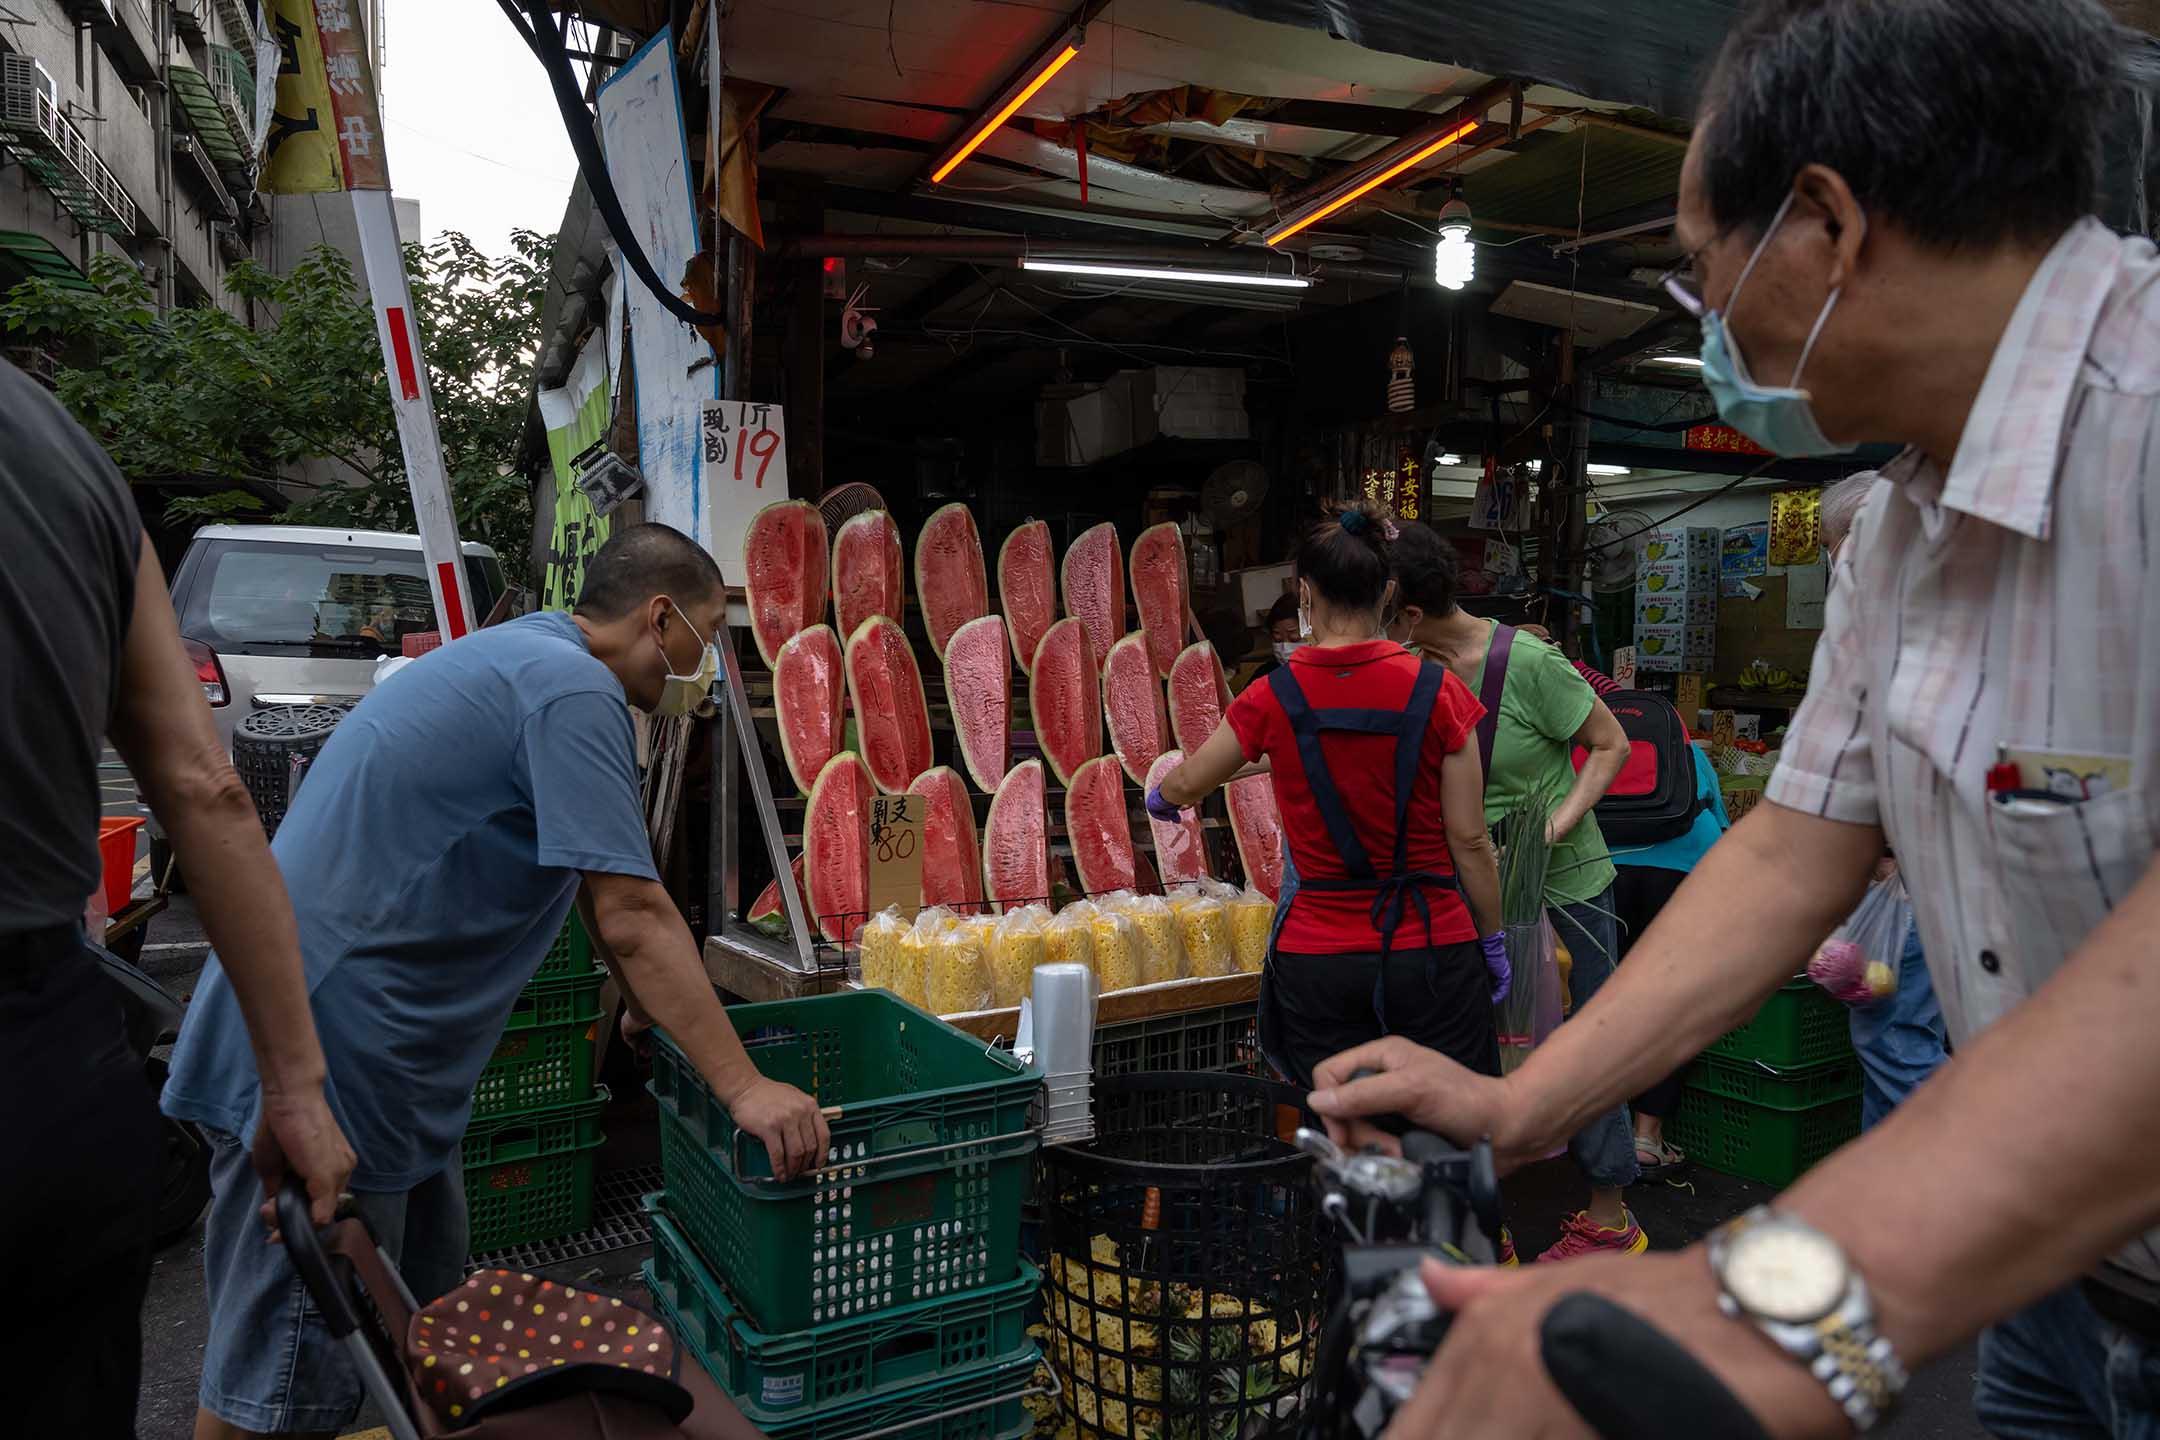 2021年5月27日台灣台北,戴著口罩的人們在市場上購買食物。